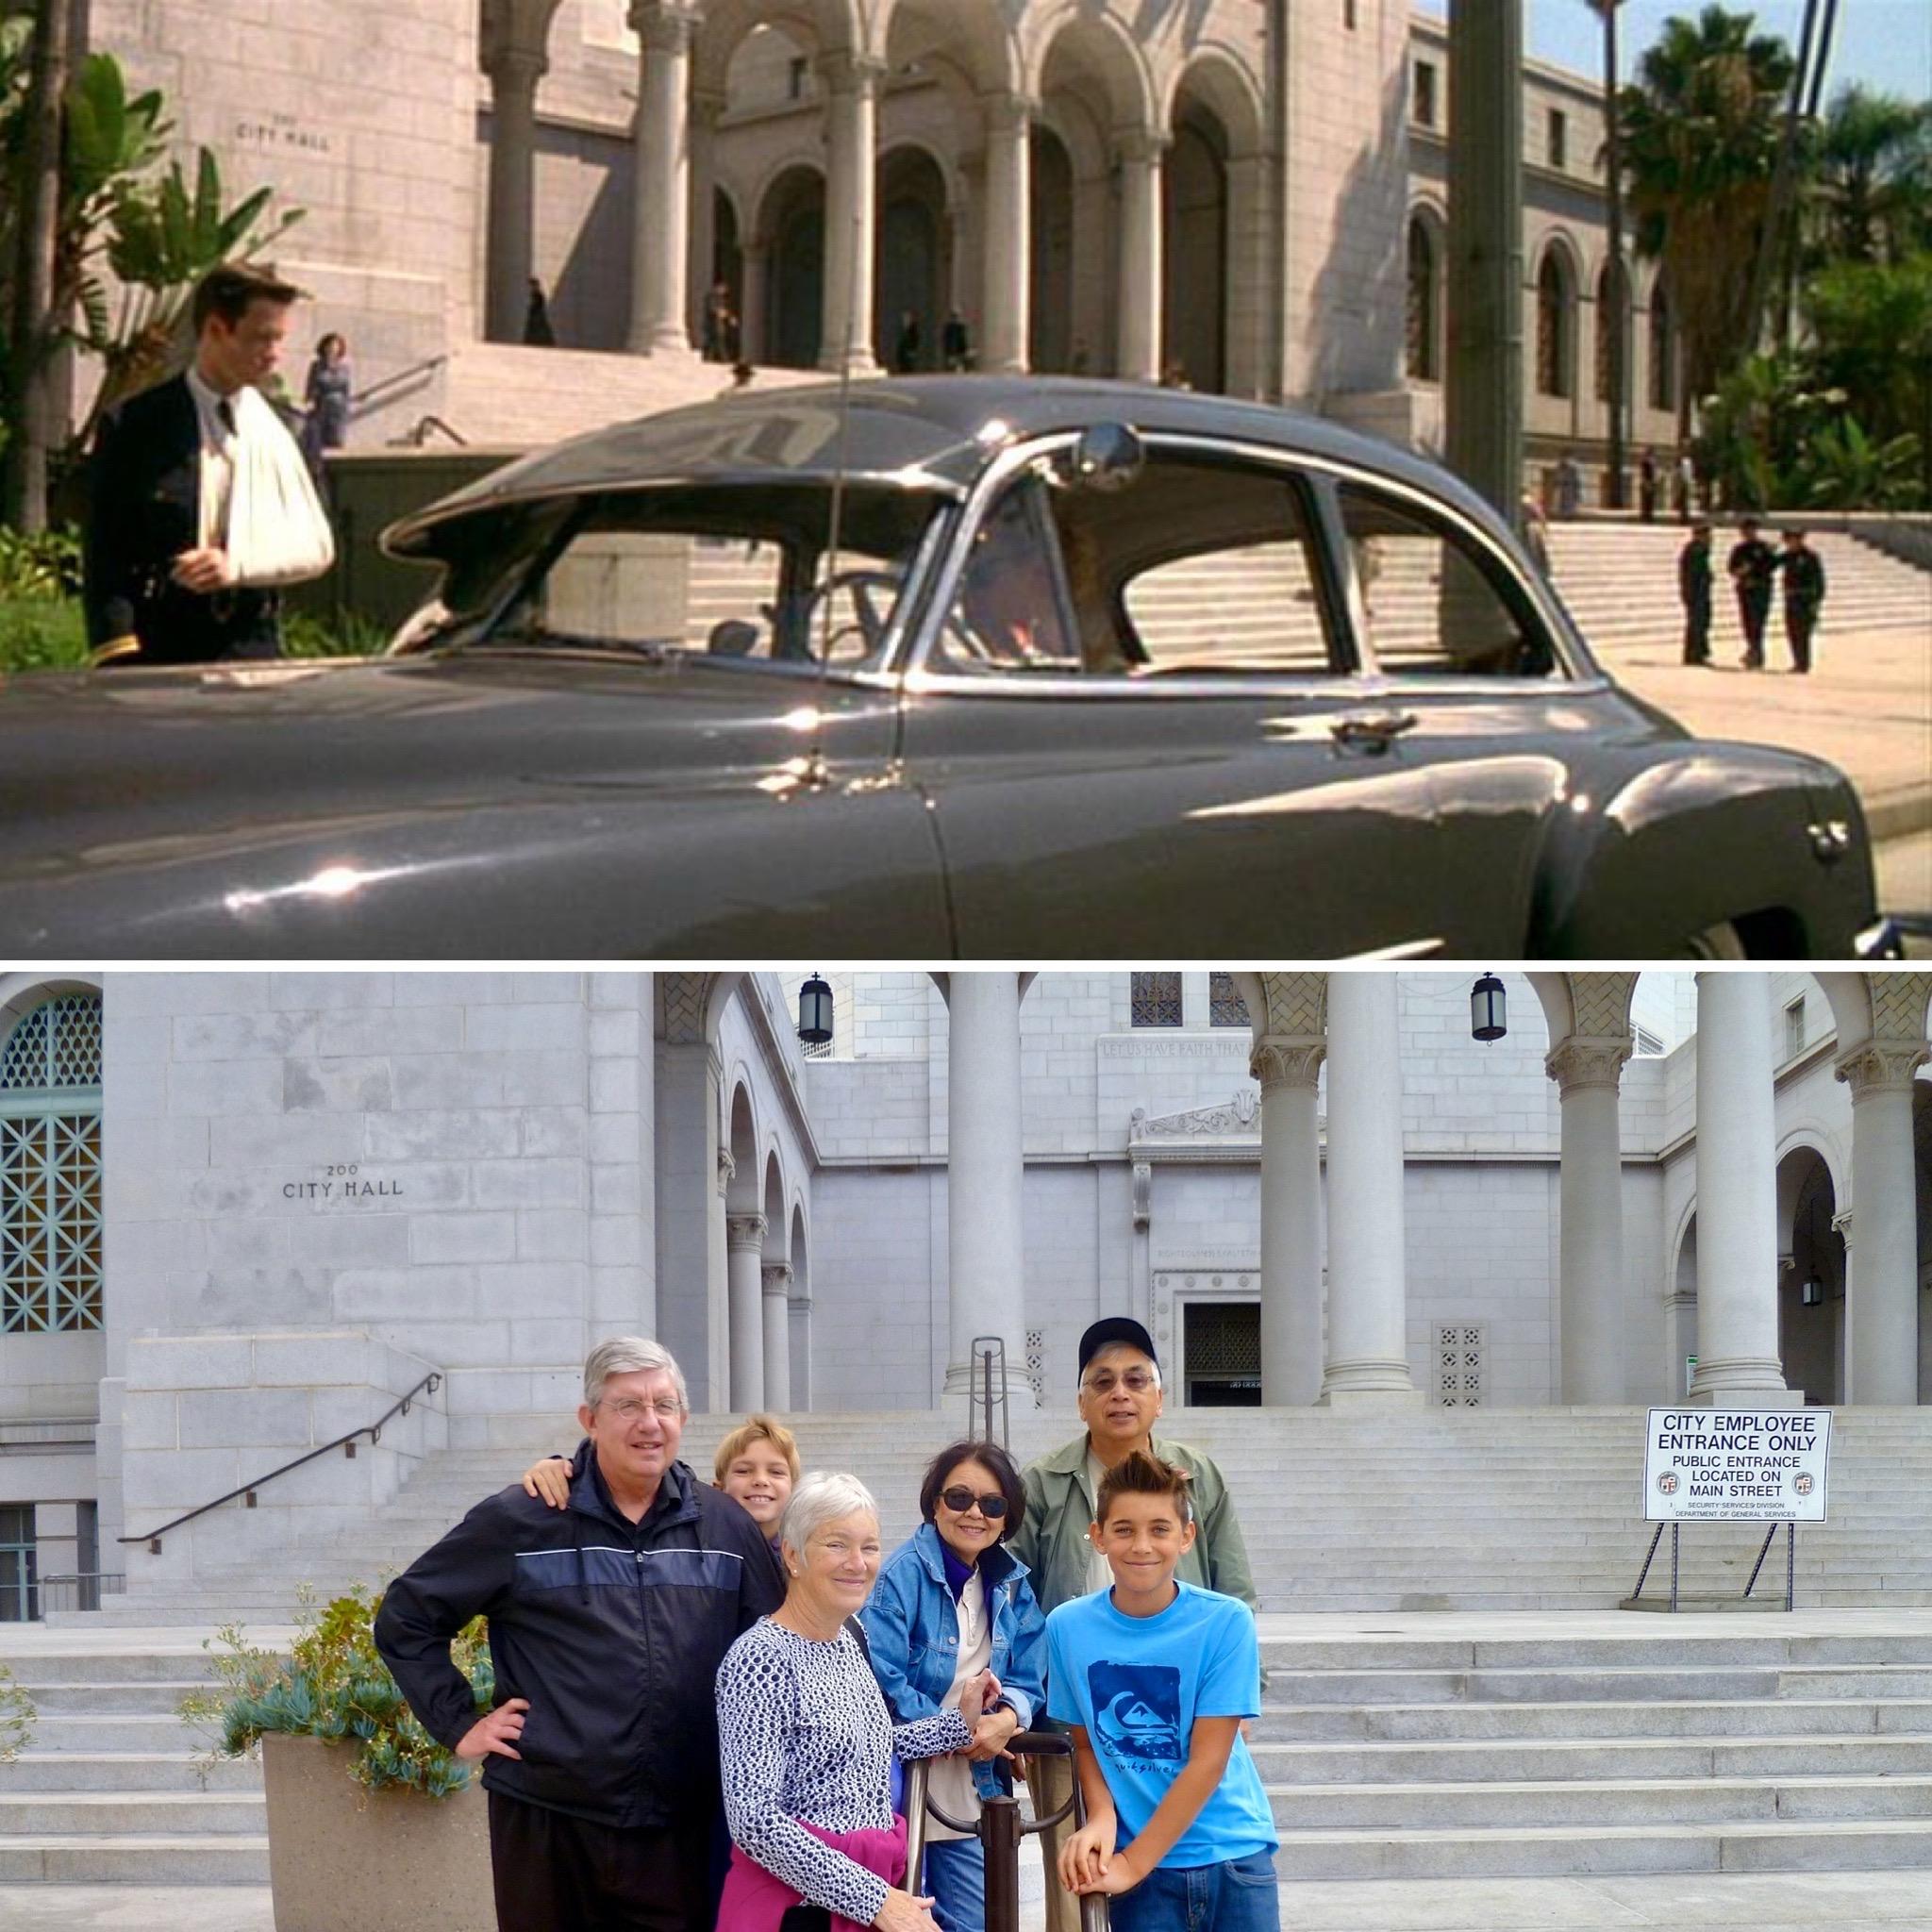 Movies filmed in downtown LA